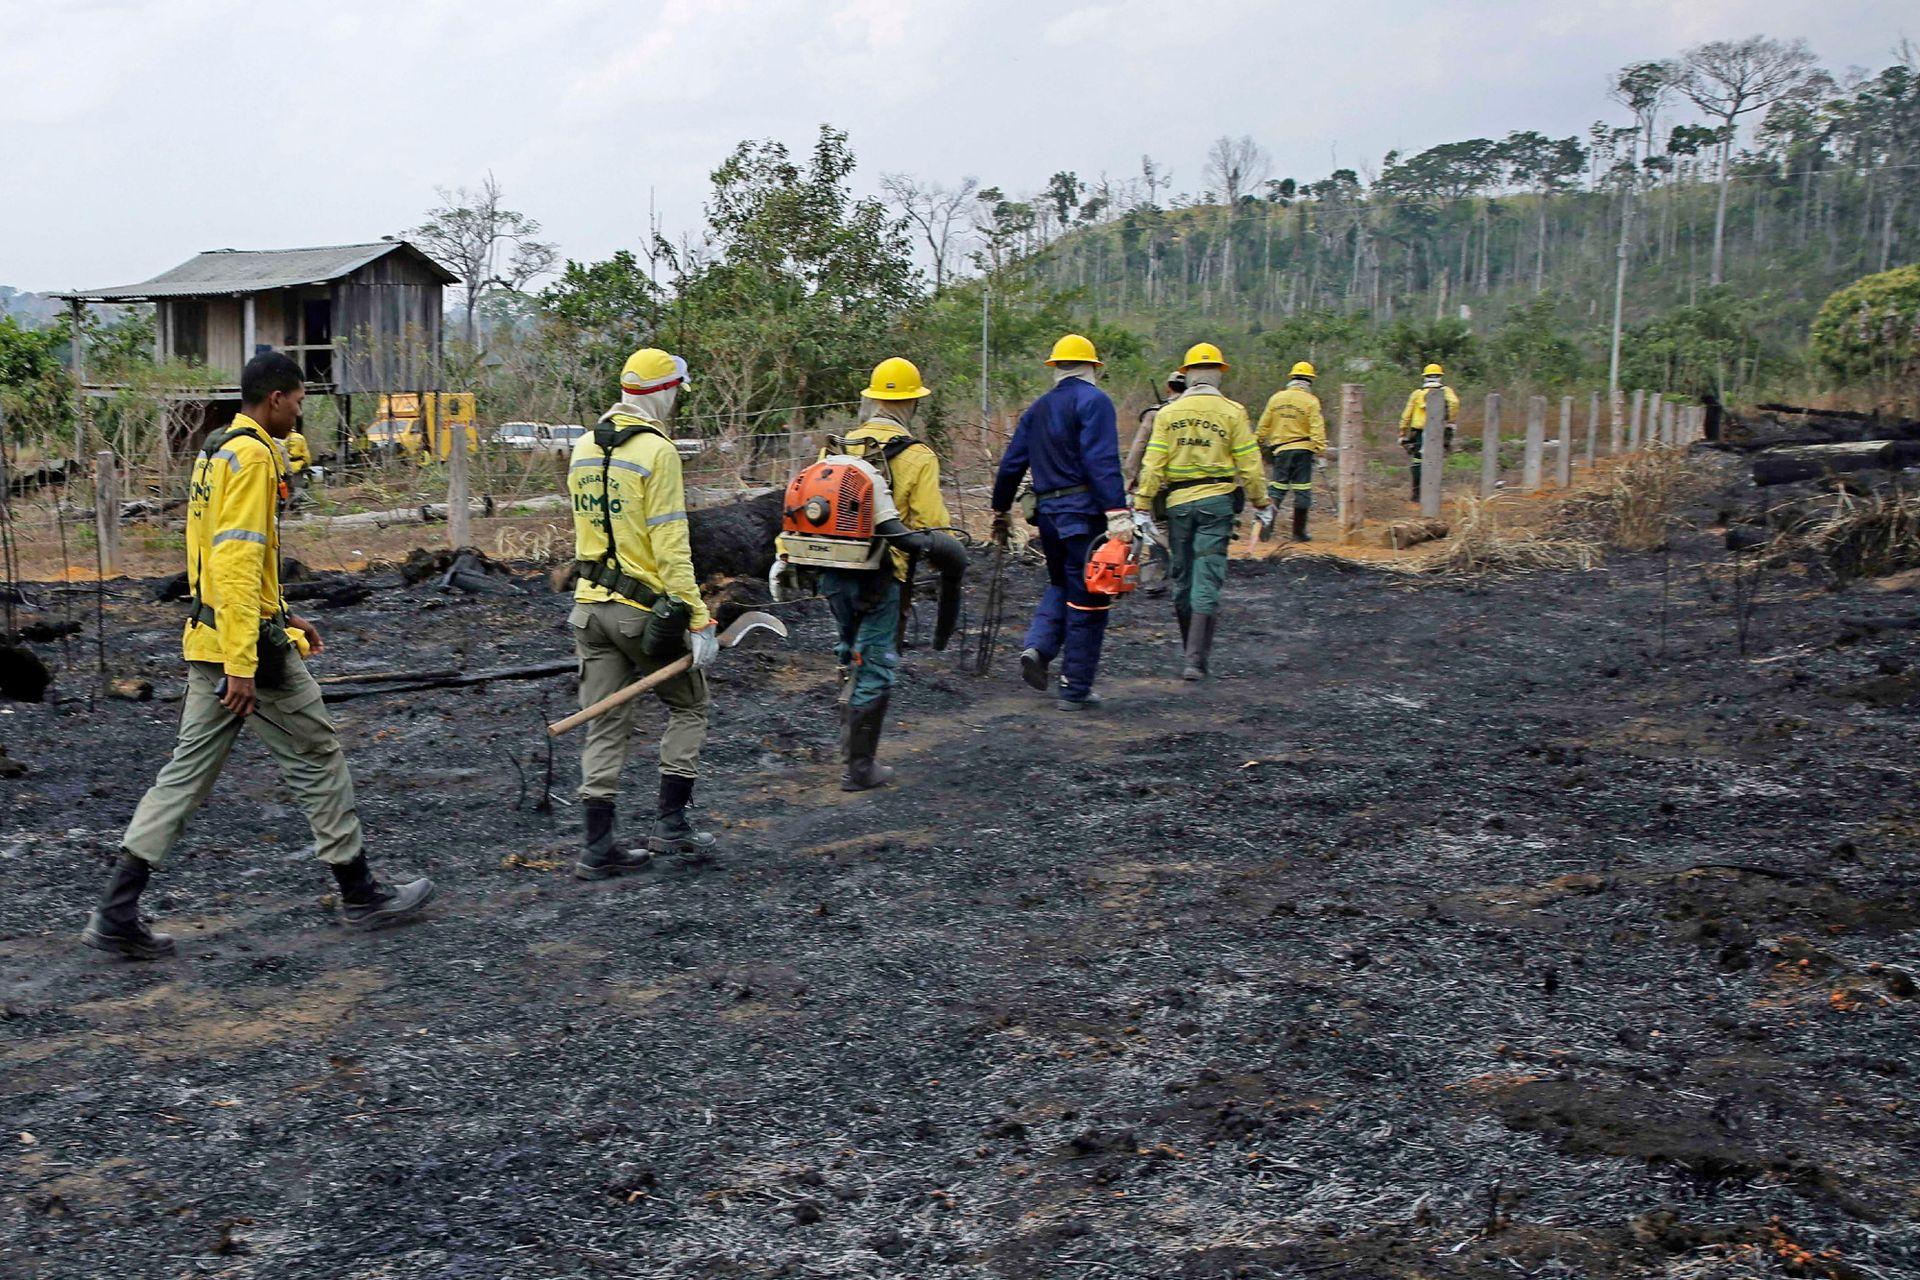 Varios bomberos caminan por lo que quedó de la jungla tras el paso de los incendios